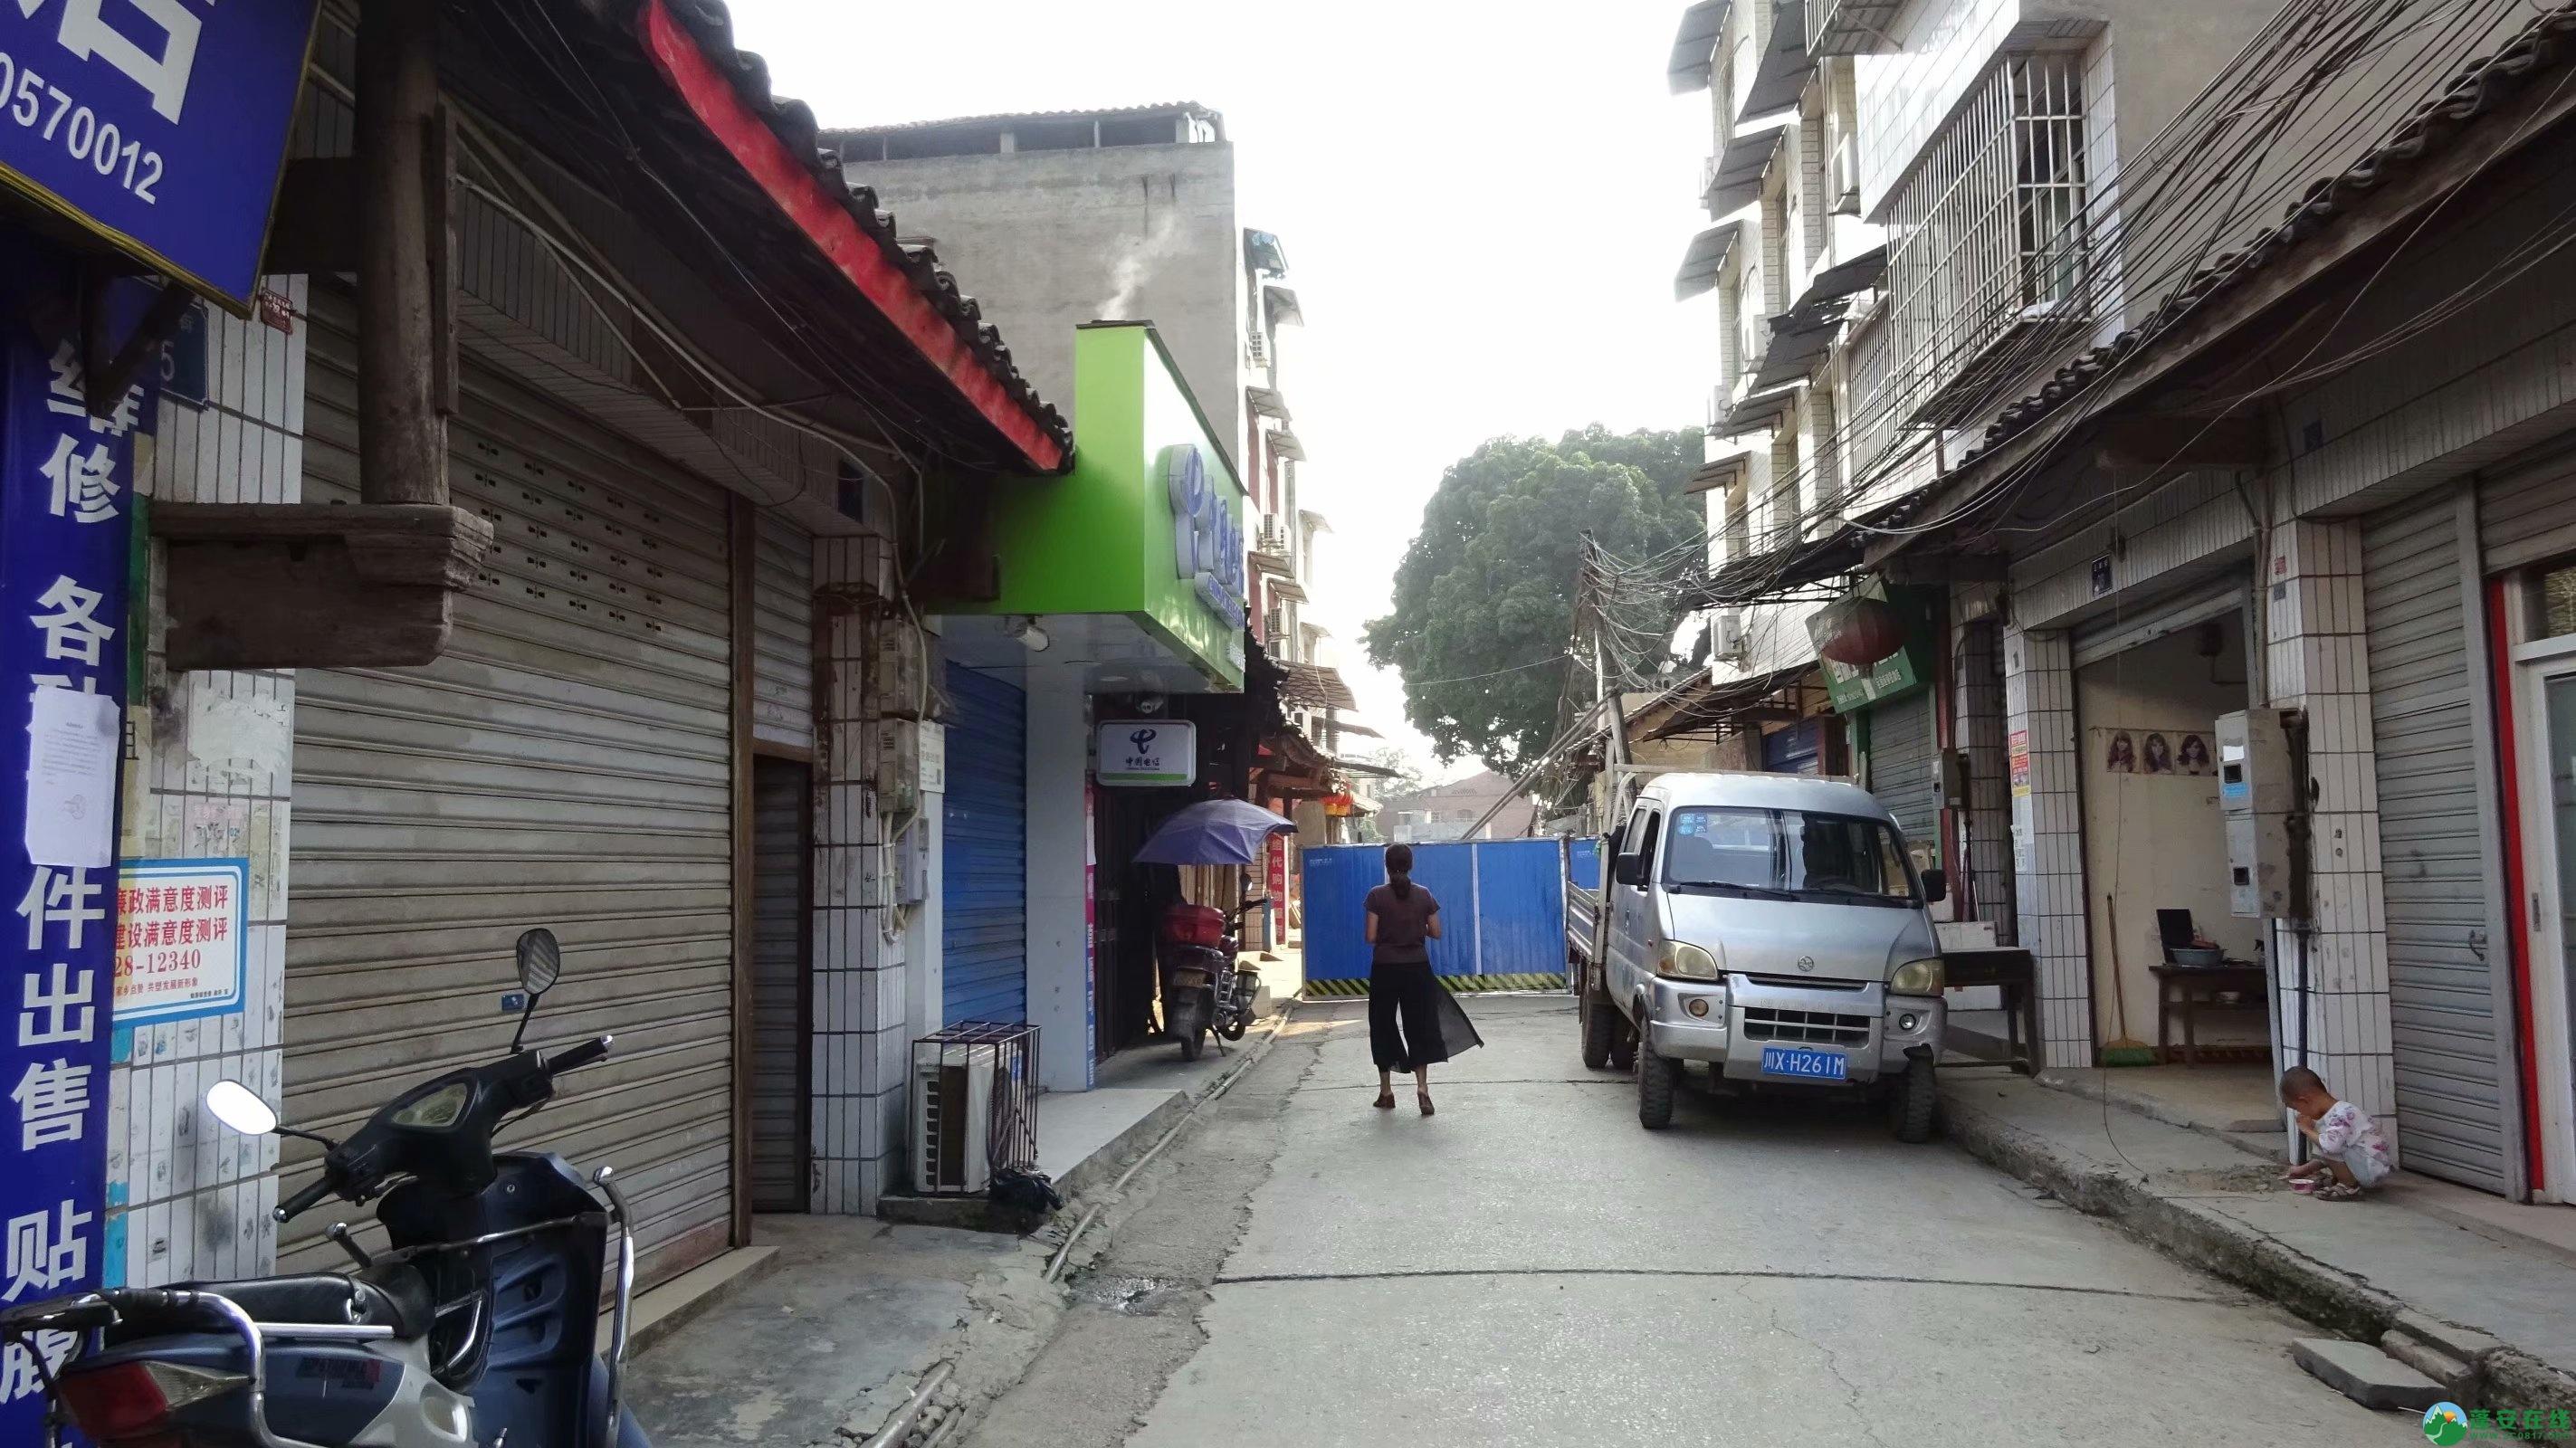 蓬安锦屏相如故城建设迅猛 - 第16张  | 蓬安在线